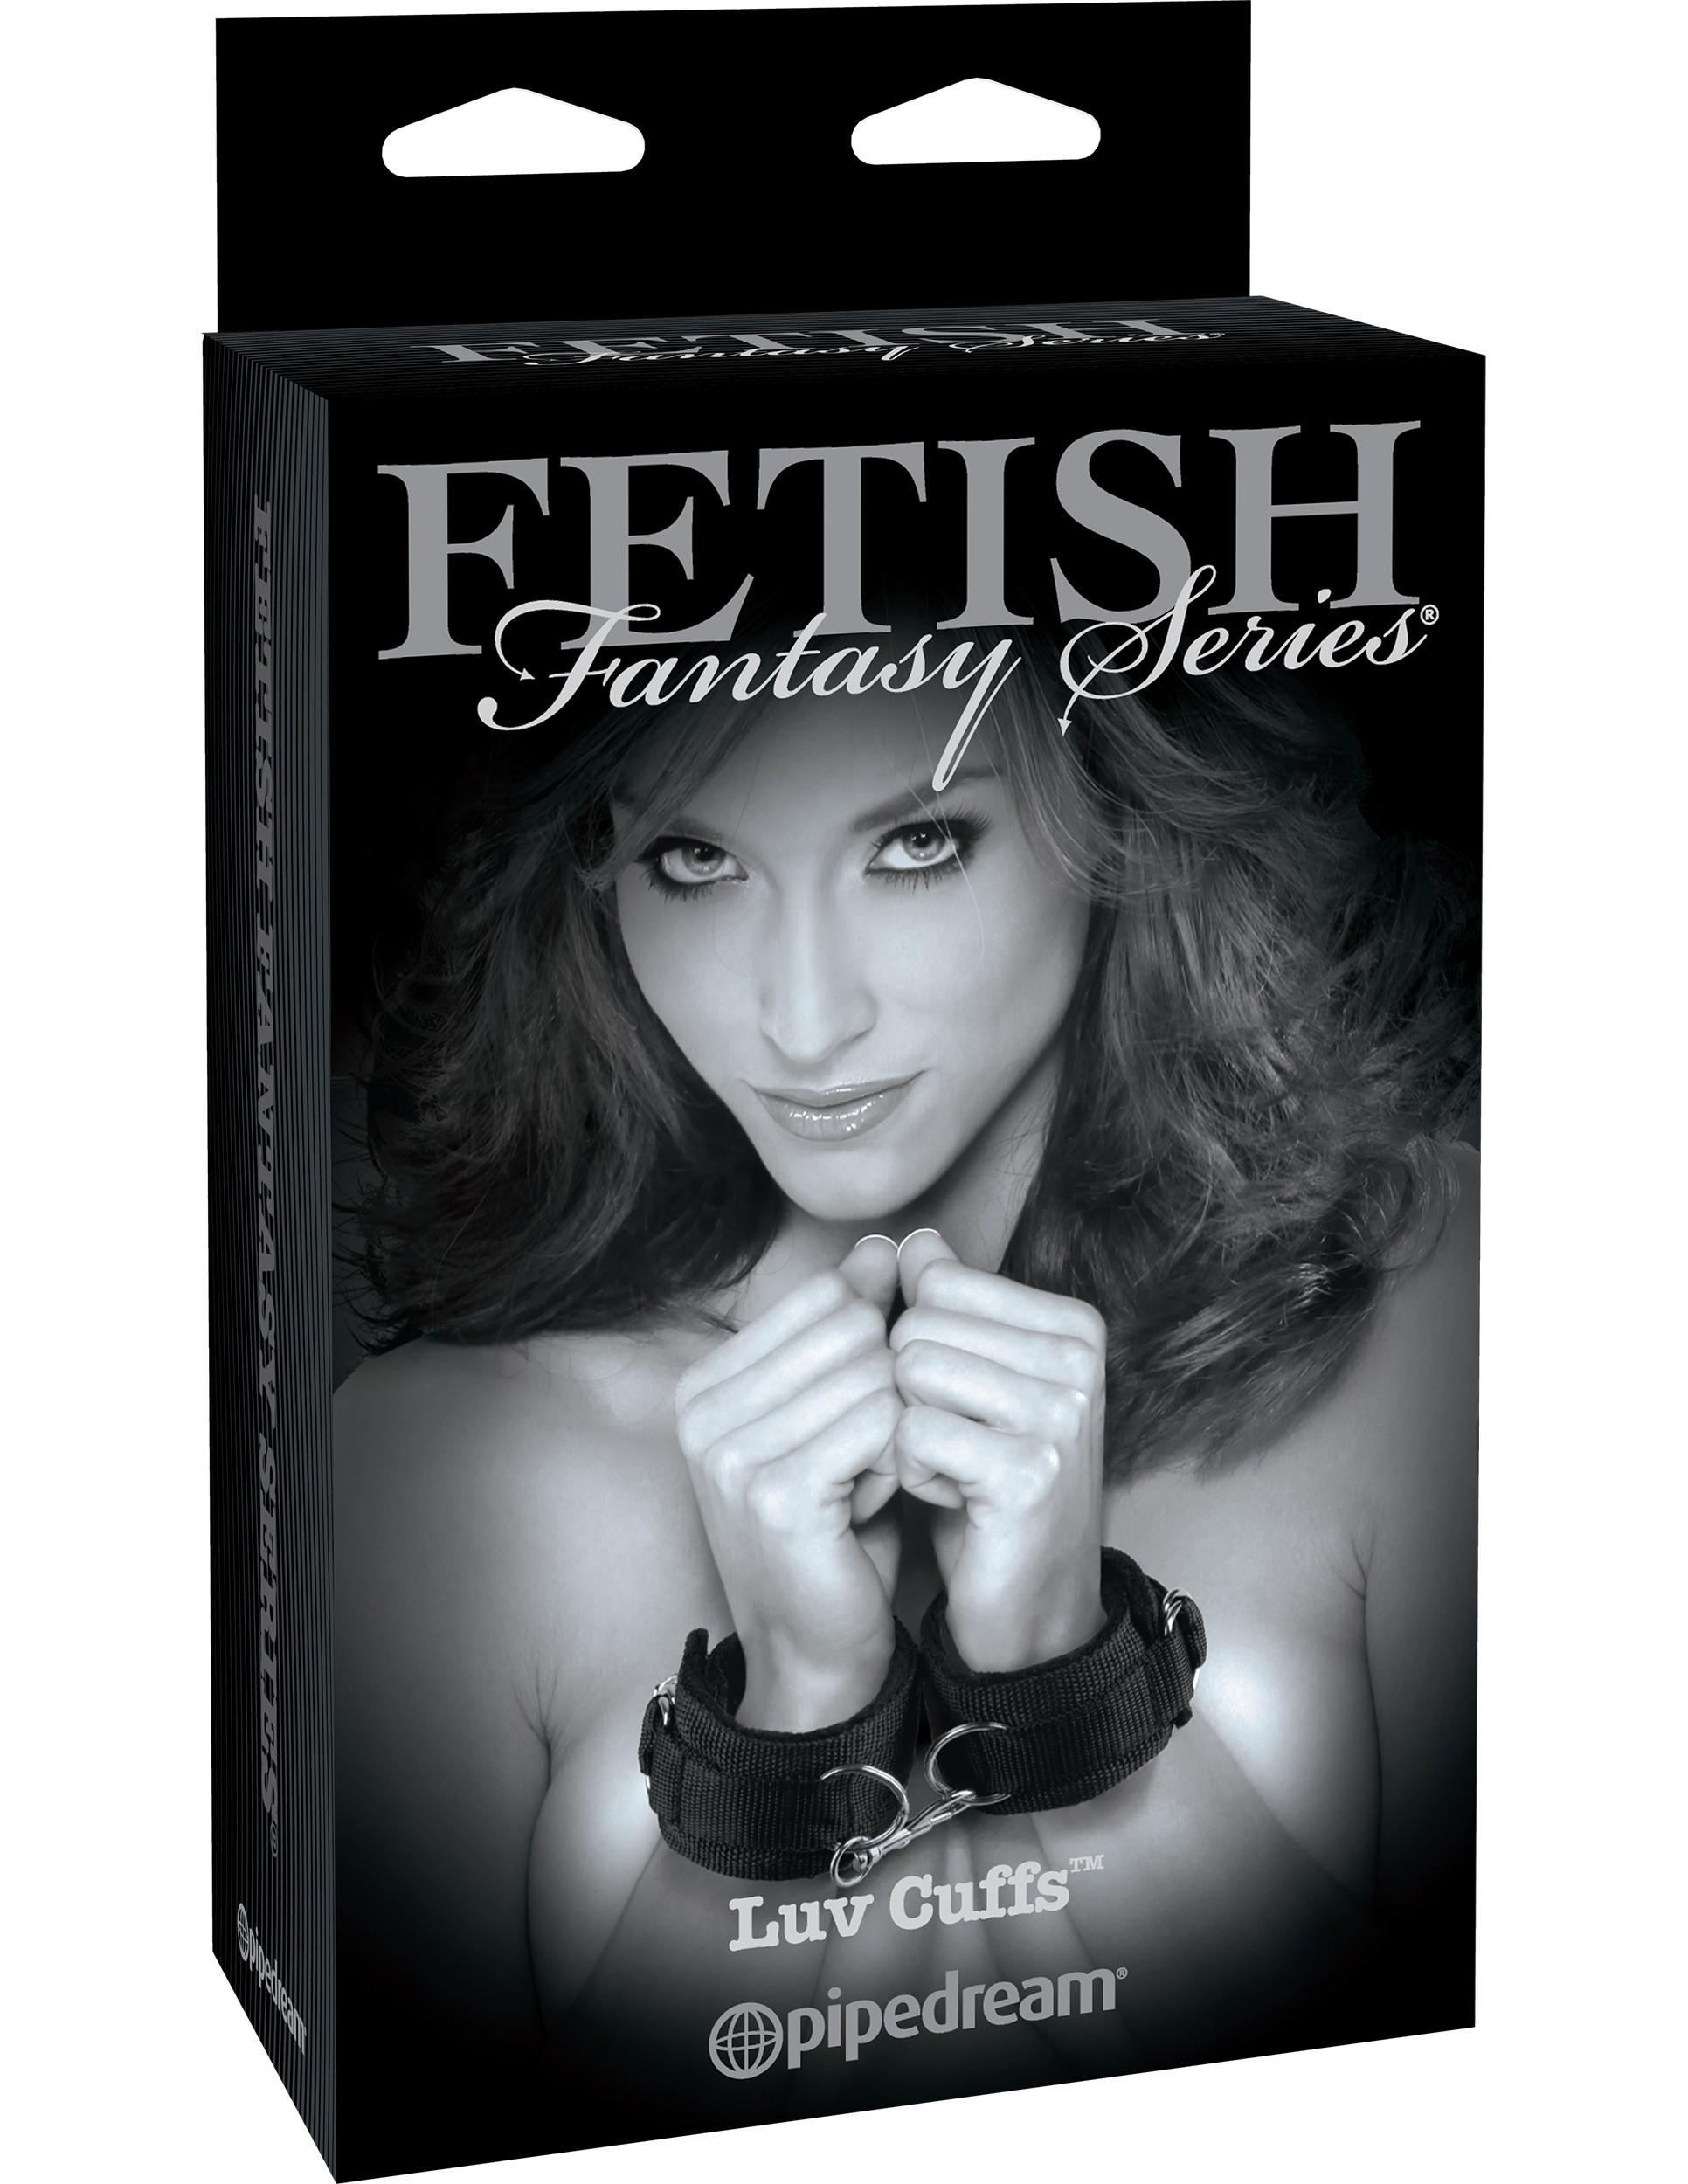 Fetish Fantasy Limited Edition Luv Cuffs